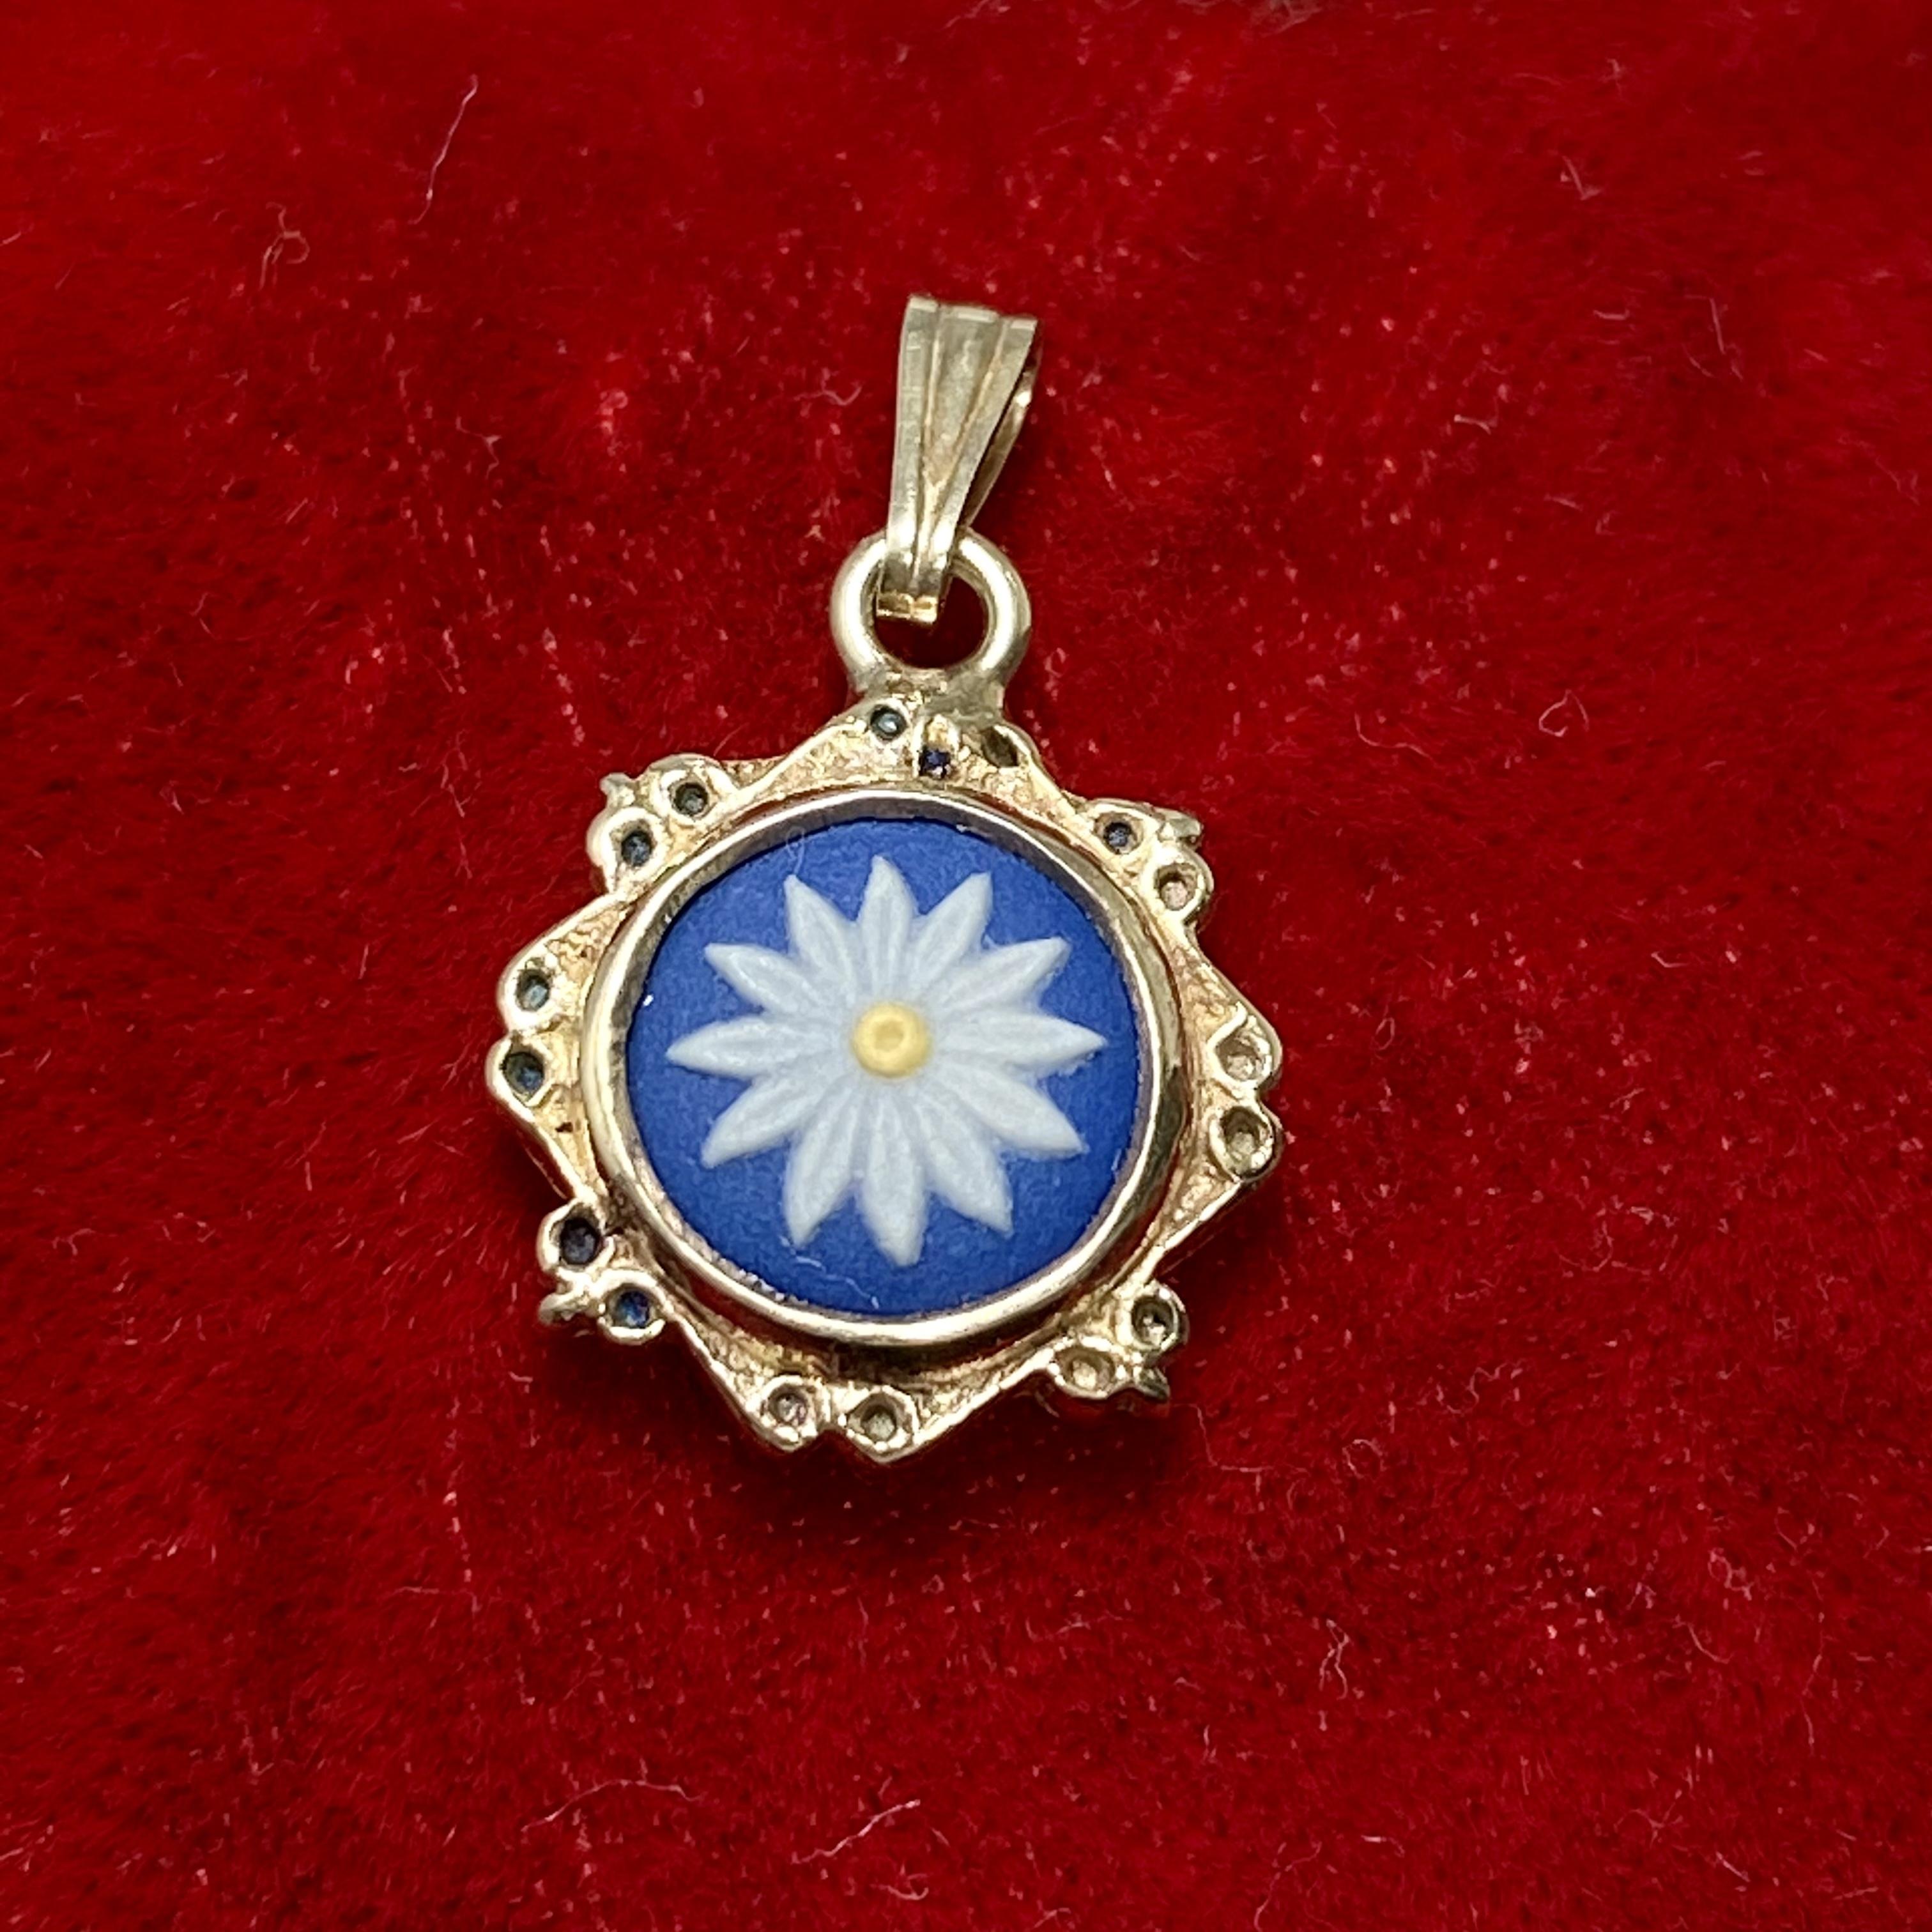 イギリスヴィンテージシルバーペンダントトップ ブルーの下地にデイジーのお花(*´-`)